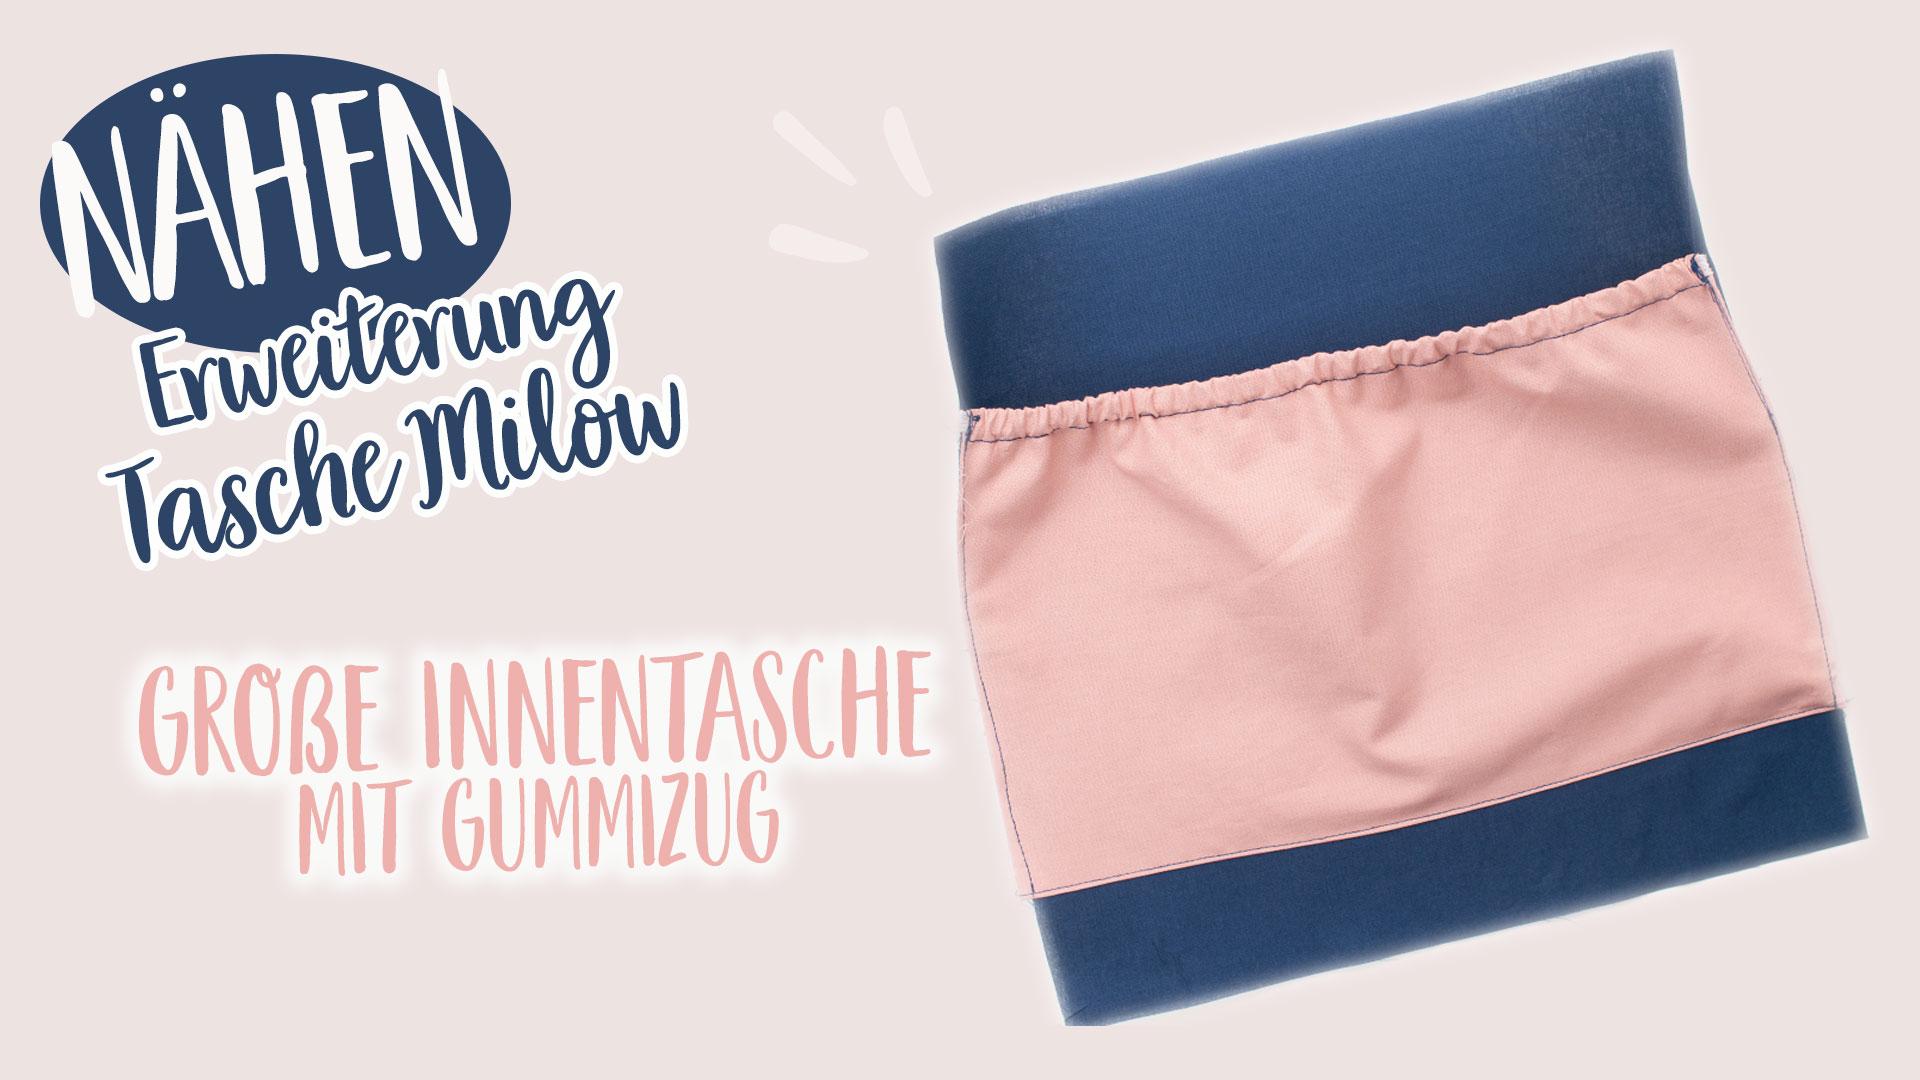 Nähanleitung Innentasche mit Gummizug | Erweiterung Tasche Milow || www.zuckerundzimtdesign.com